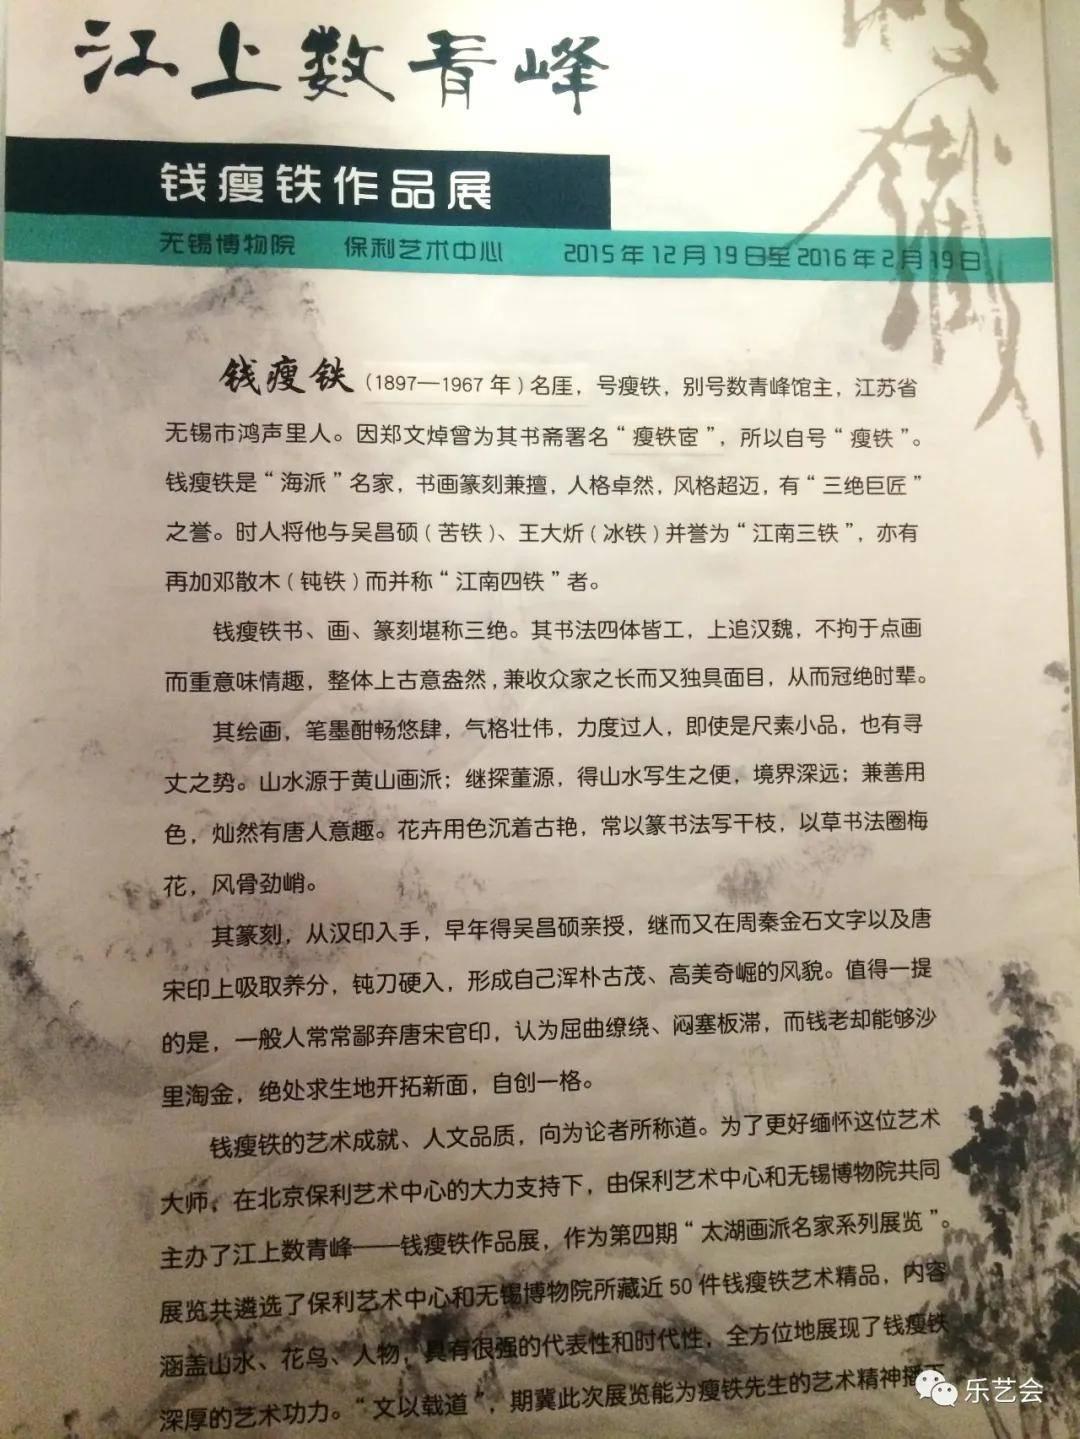 艺展回顾:江上数青峰——钱瘦铁作品展